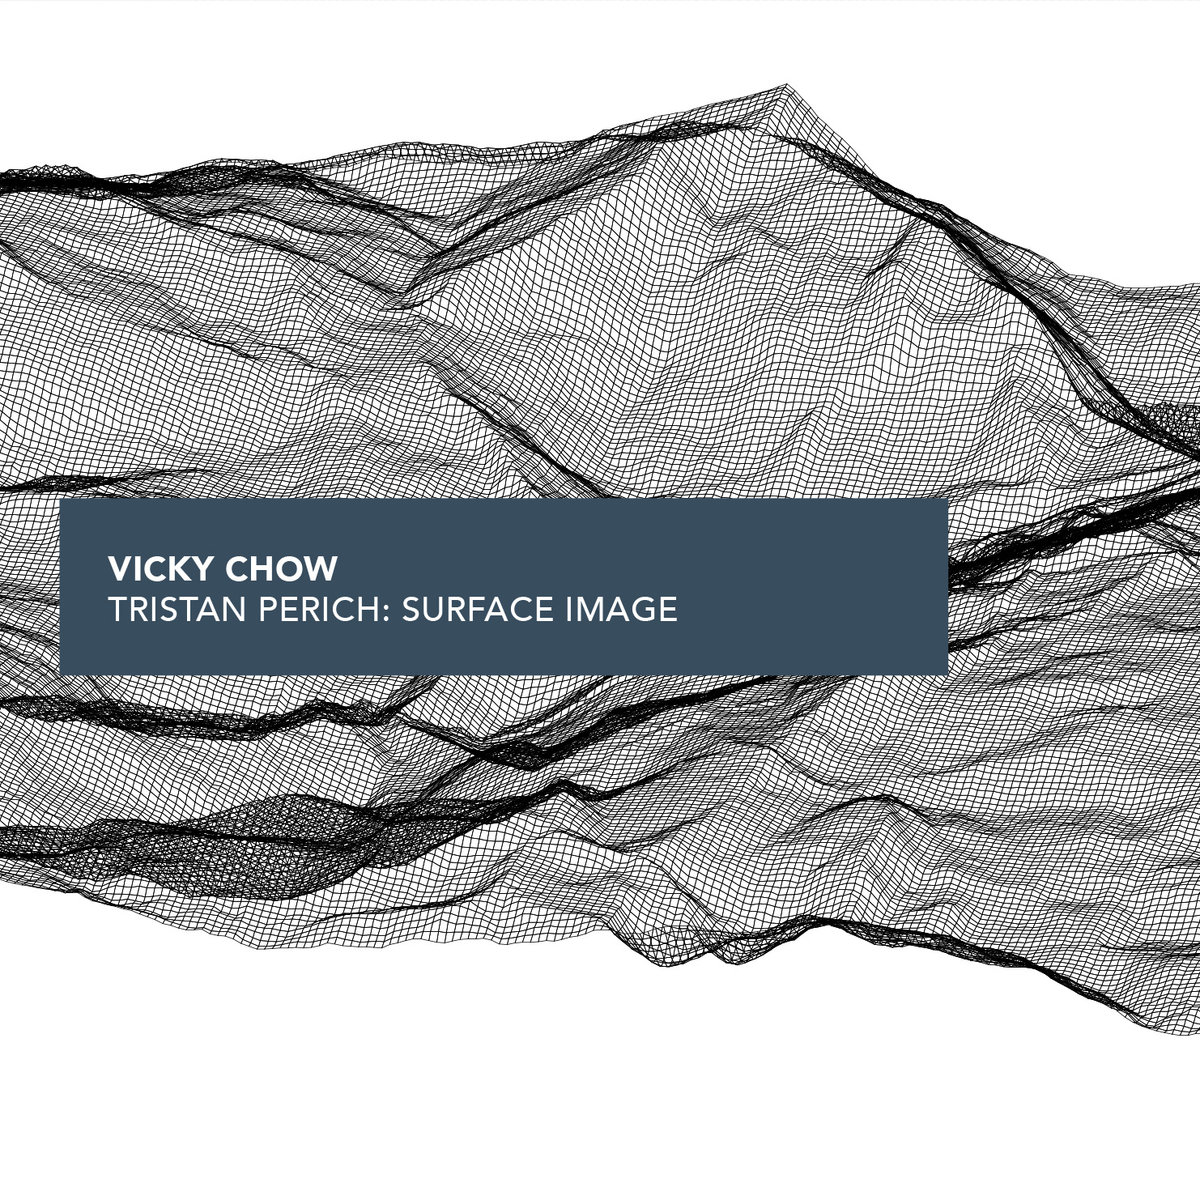 surfaceimage.jpg